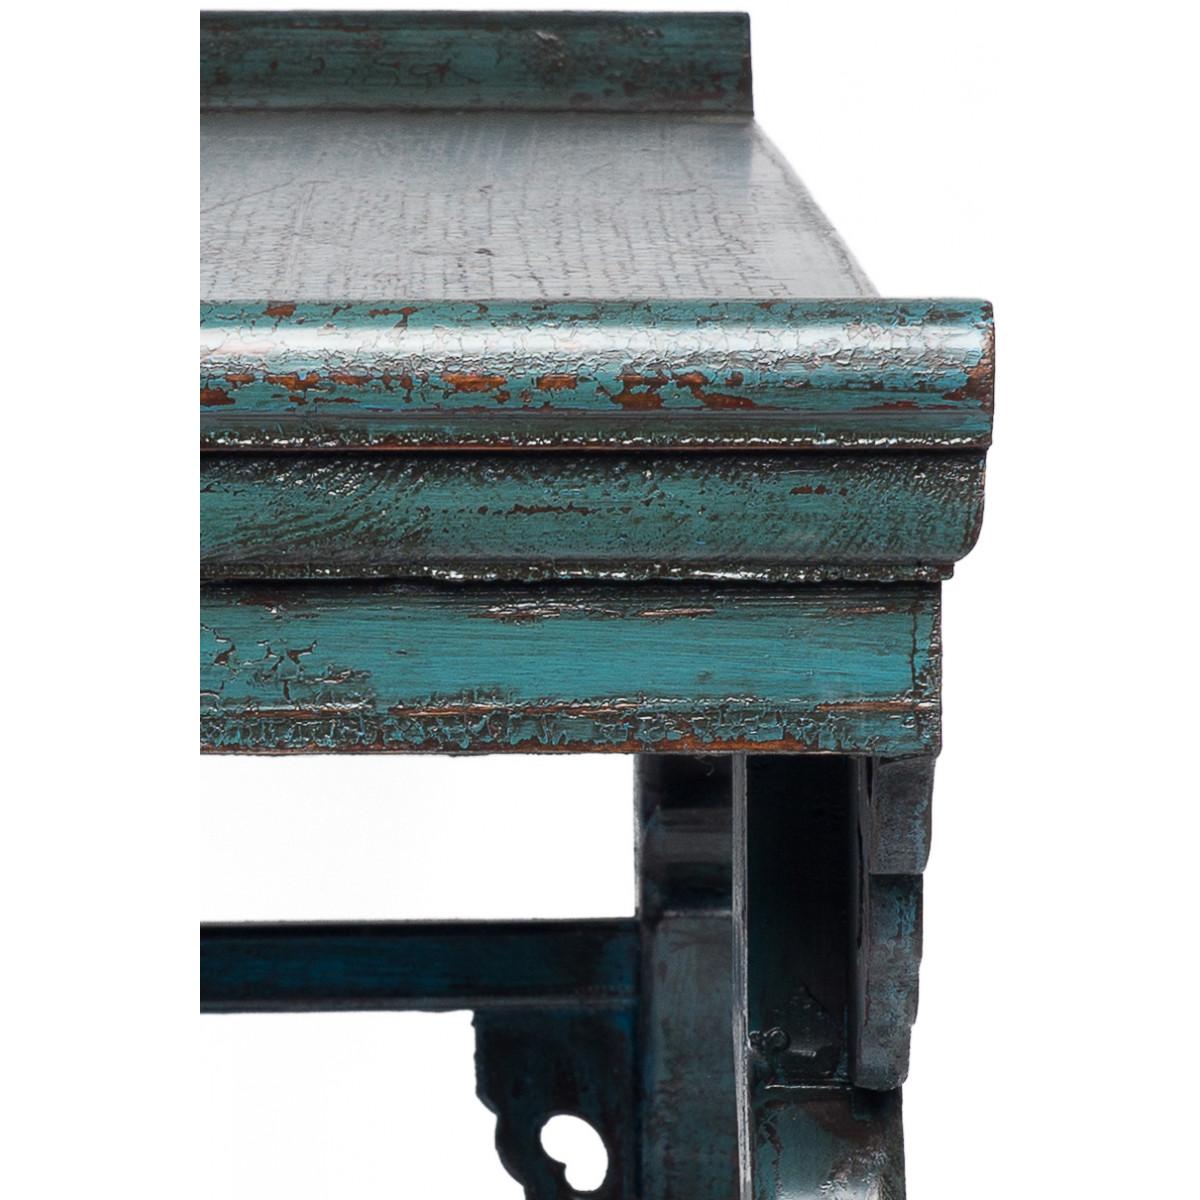 BF-20472 Цяотоуань - Традиционная консоль для каллиграфии. Серо-голубого цвета.